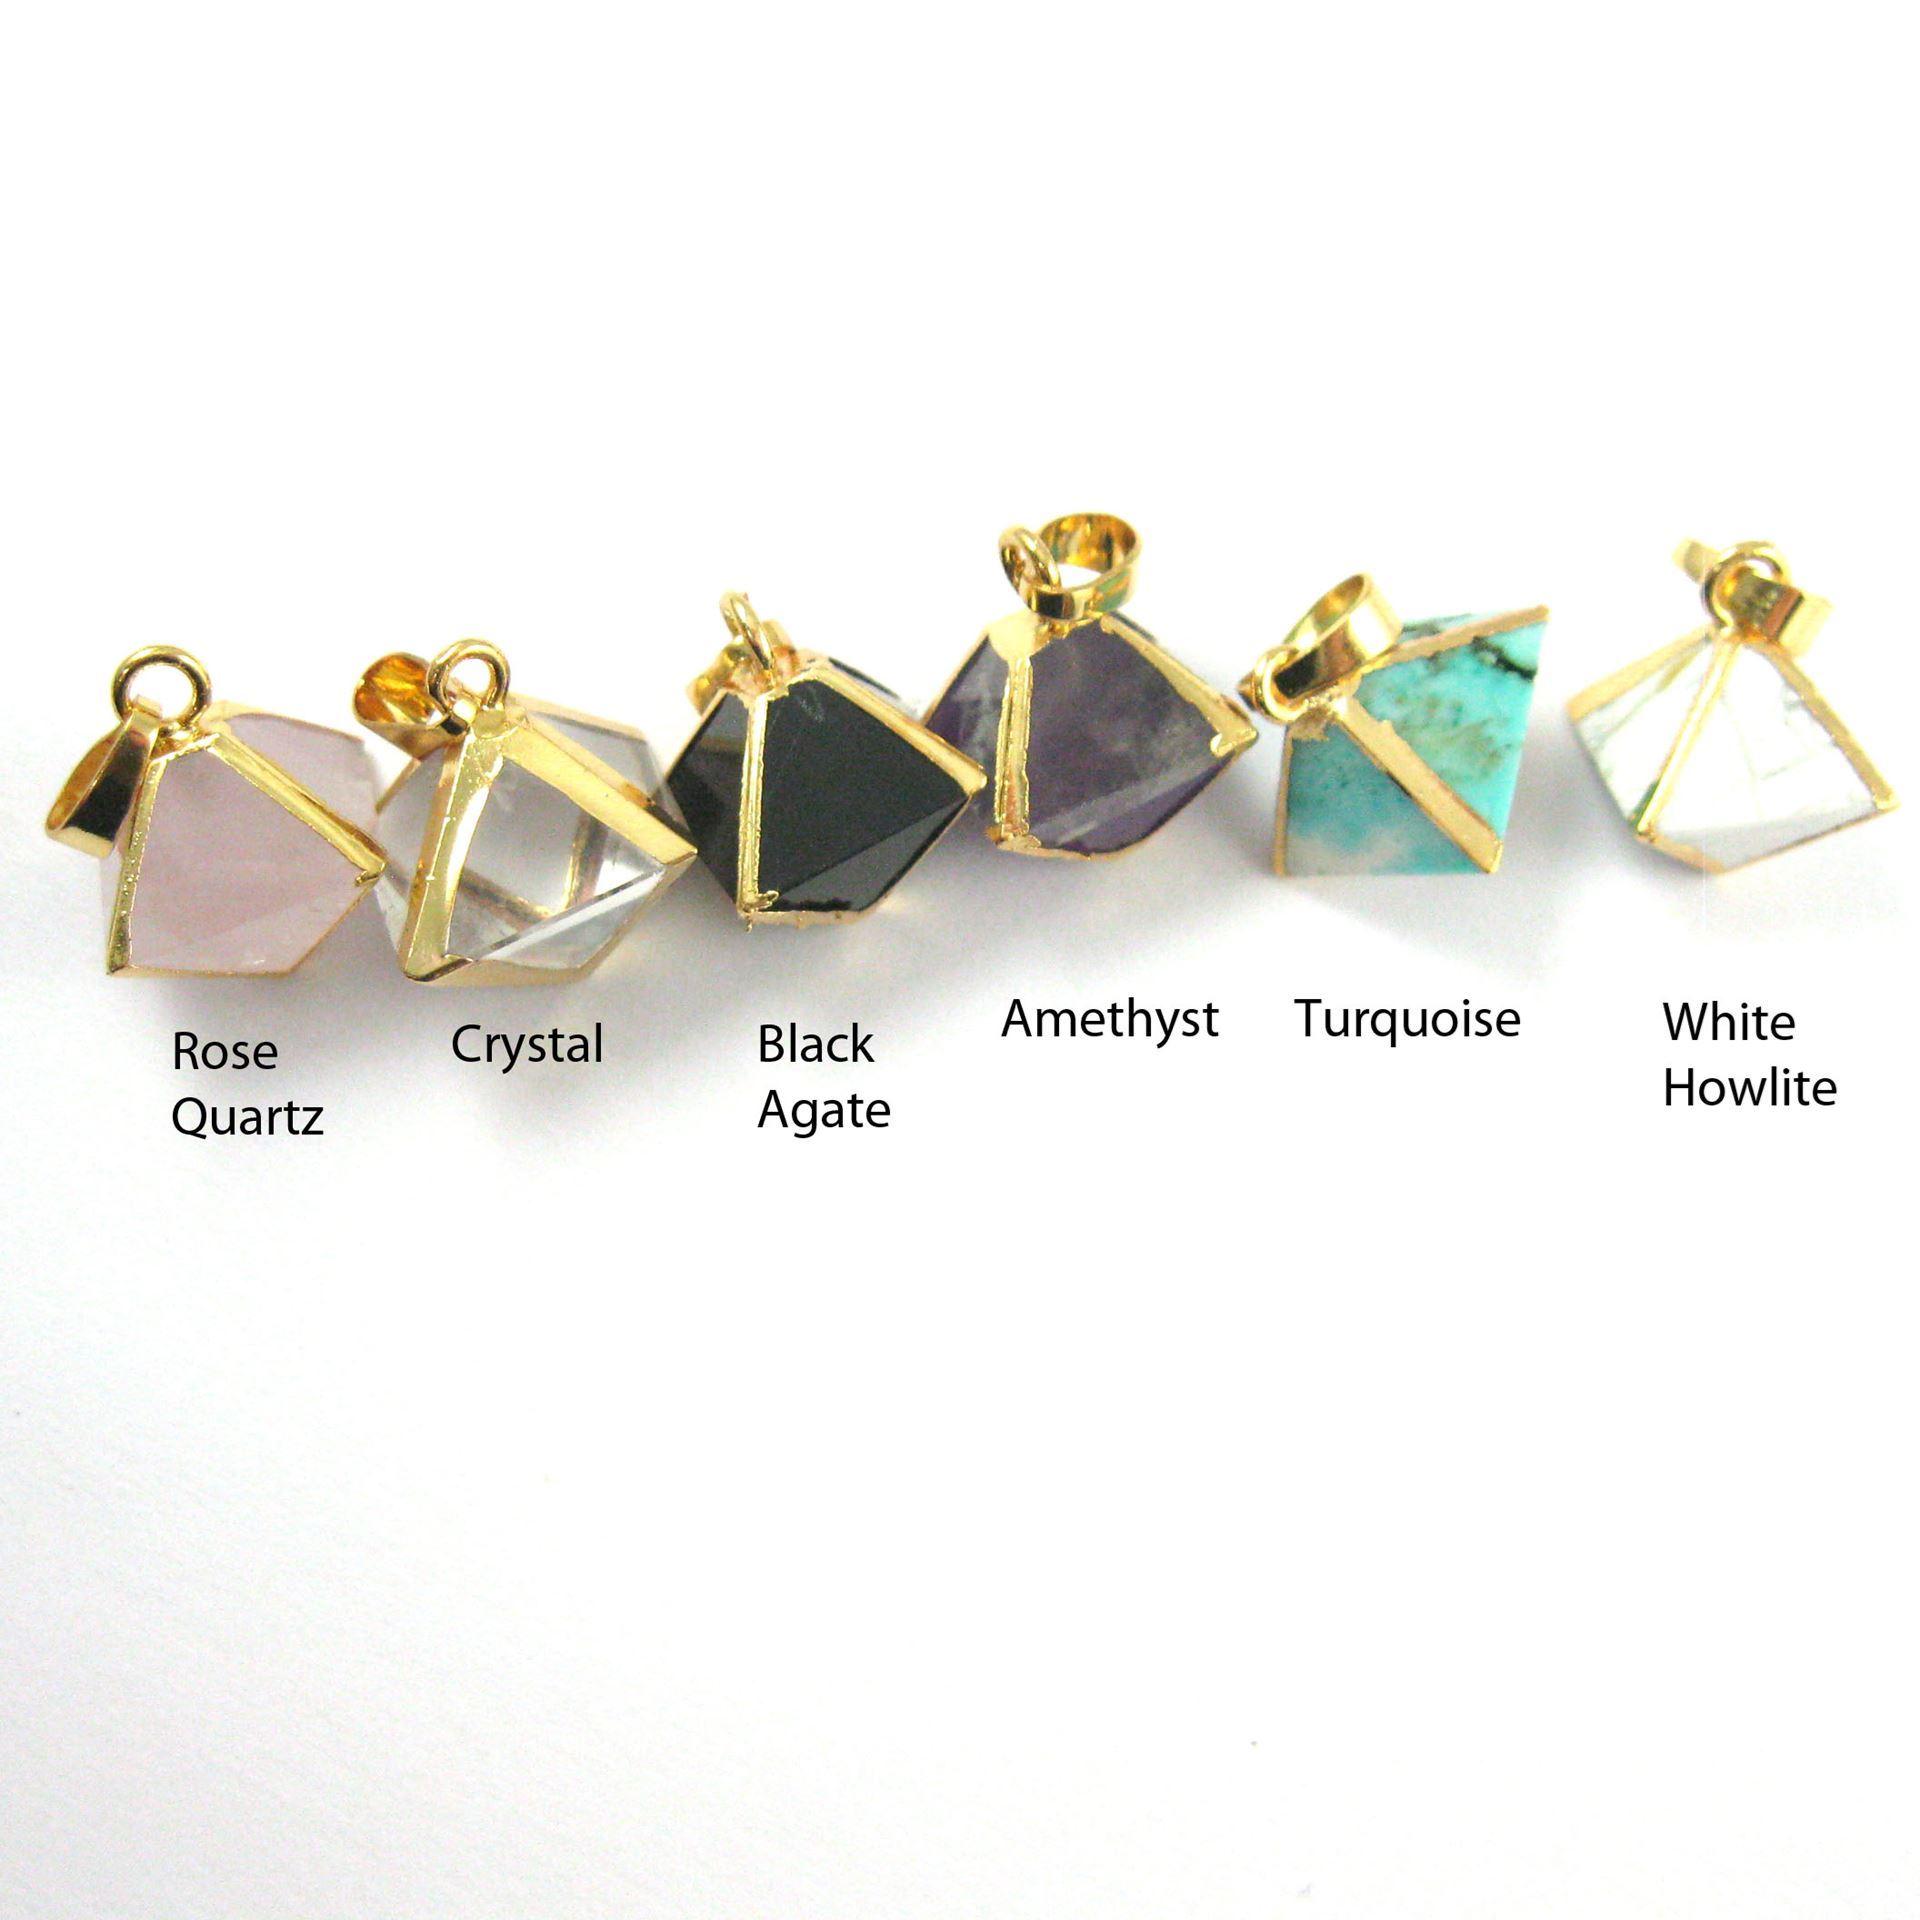 Gemstone Pendant, Octahedron Black Agate Gemstone, 8 sides gemstone Gold plated Pendant,Small Gemstone Rock Pendant- 25m